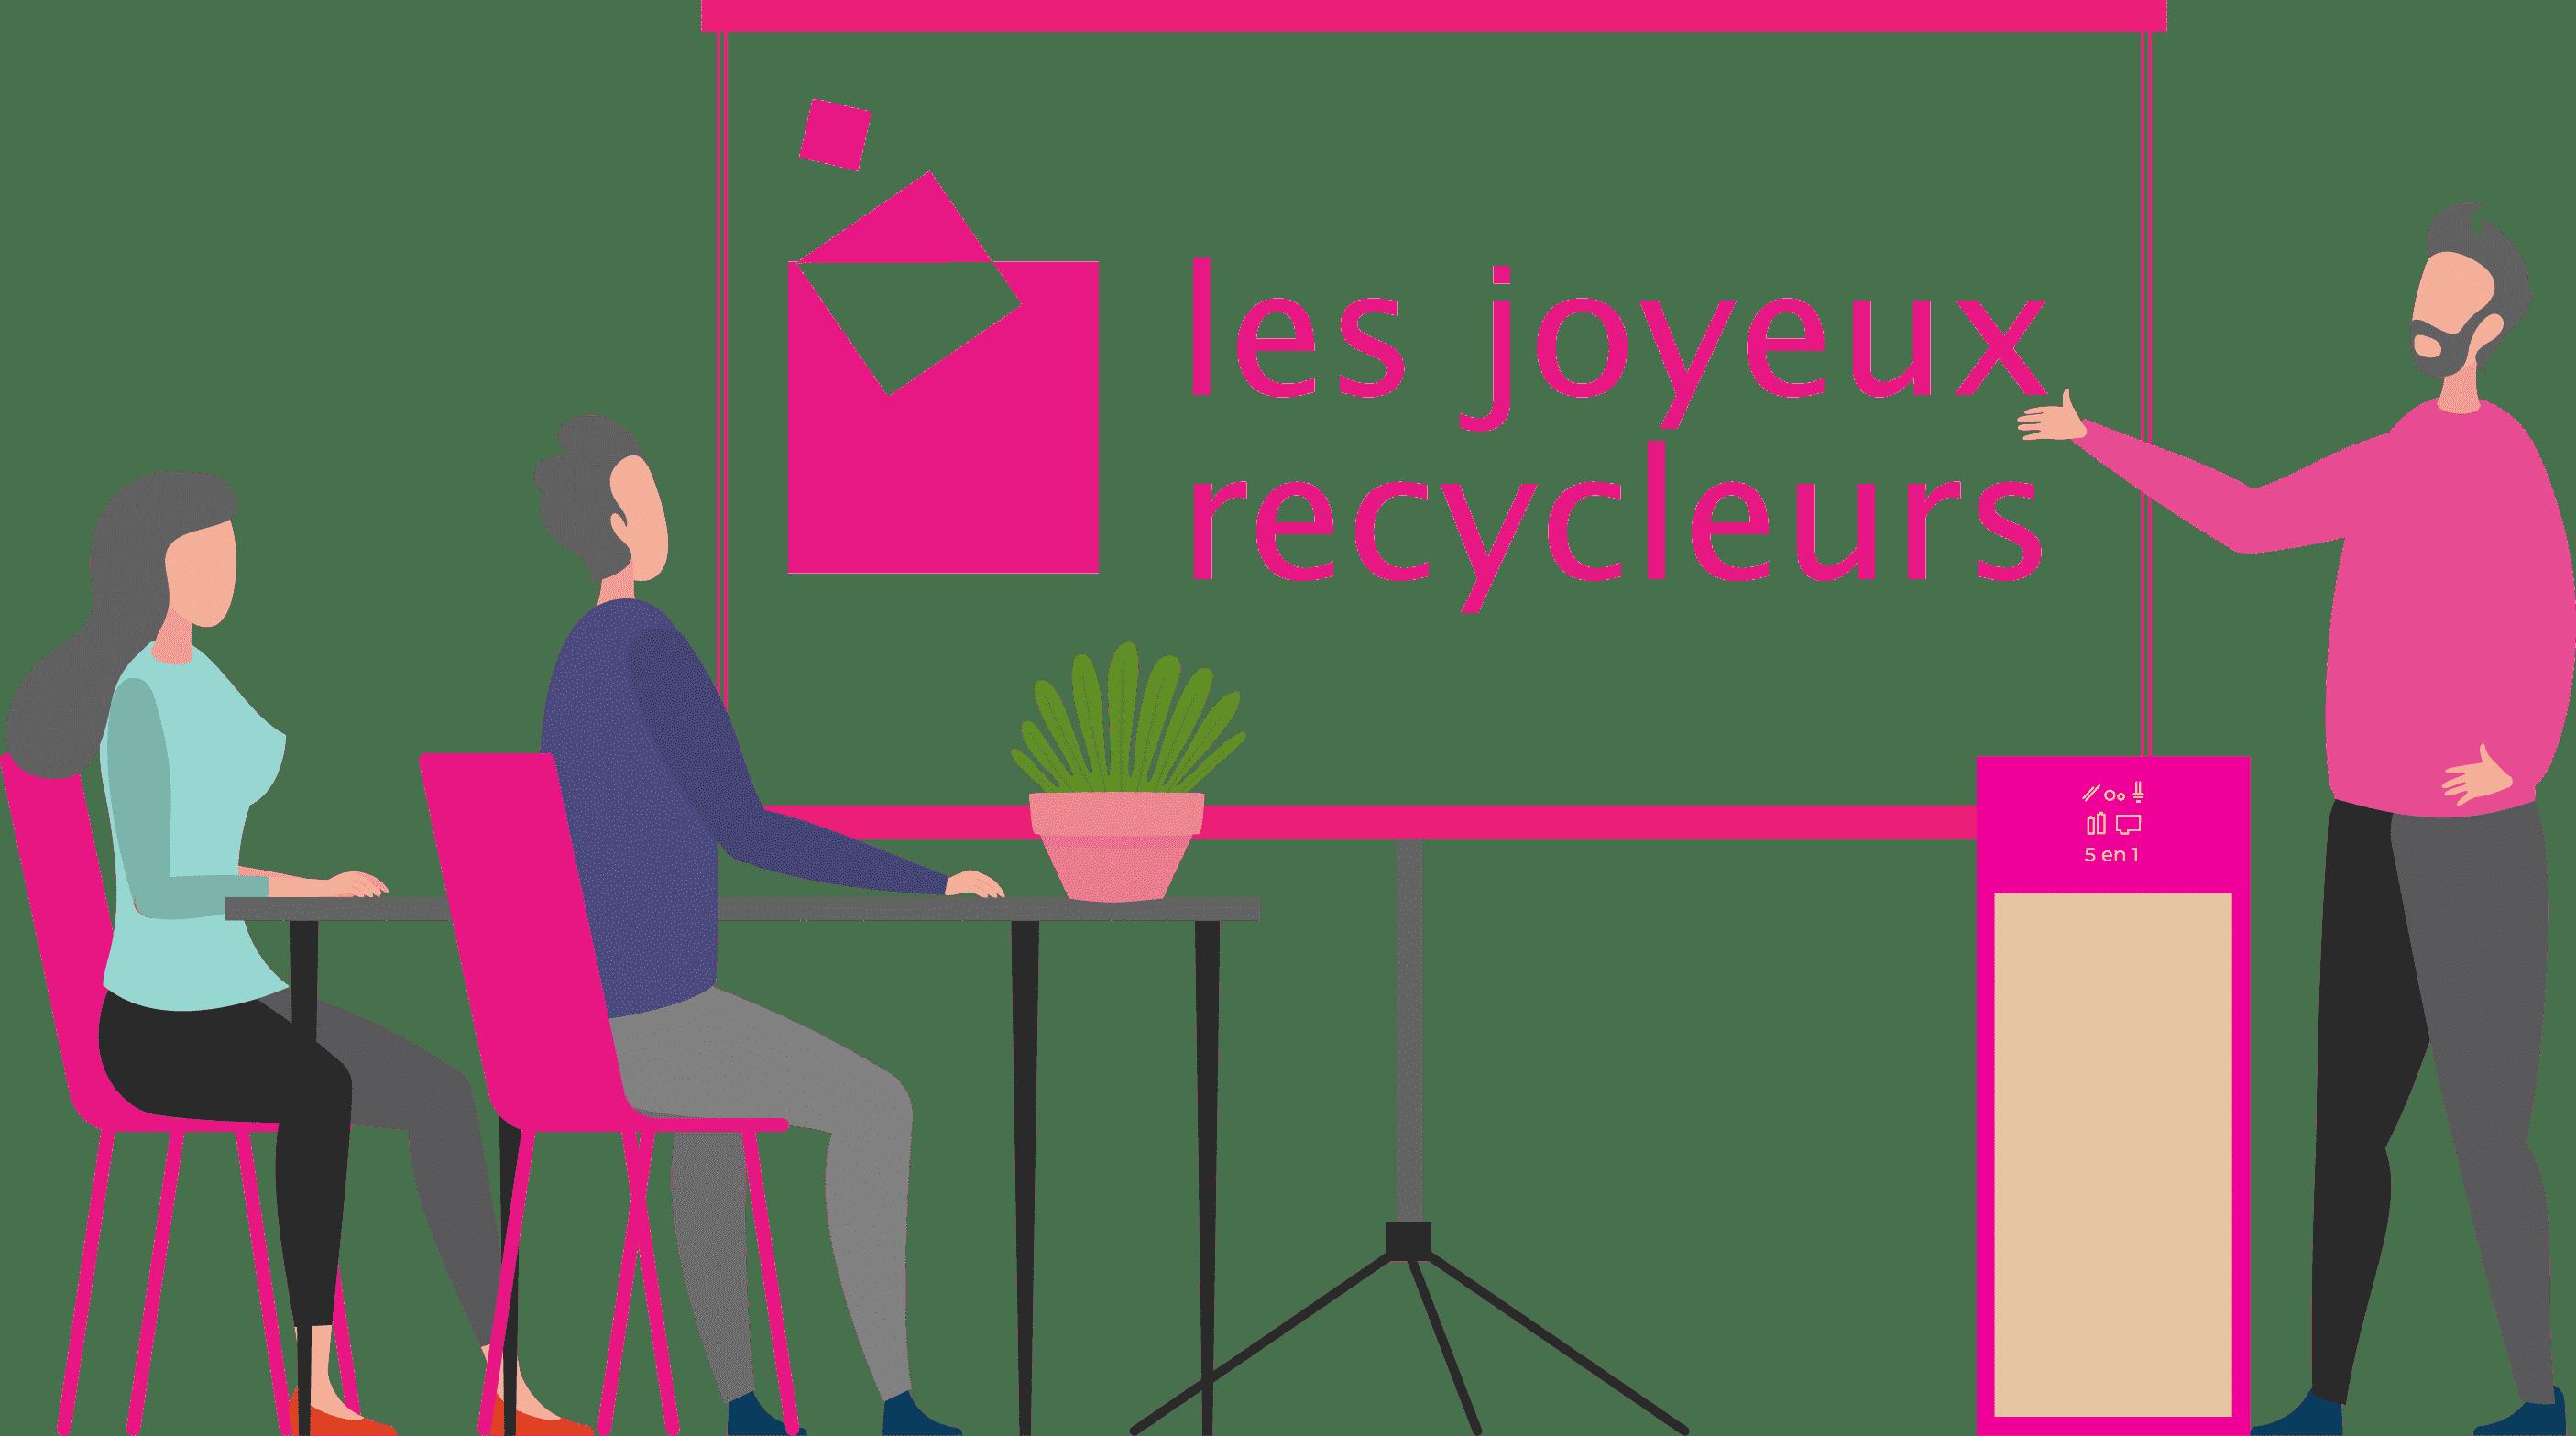 Comment recycler son matériel informatique en entreprise ?